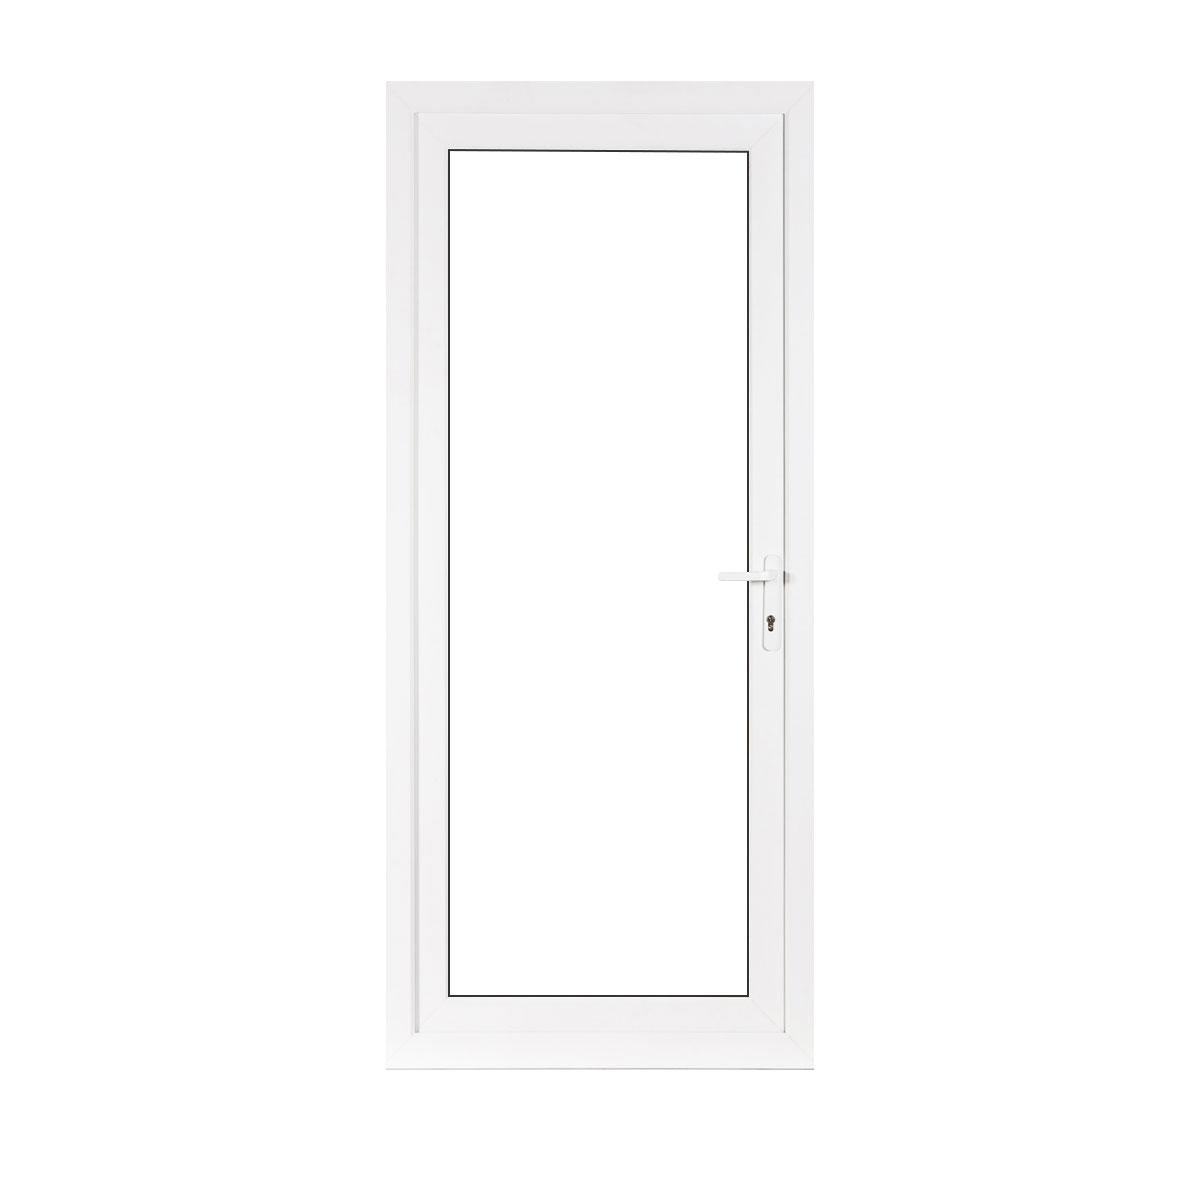 Small Full Glass uPVC Back Door